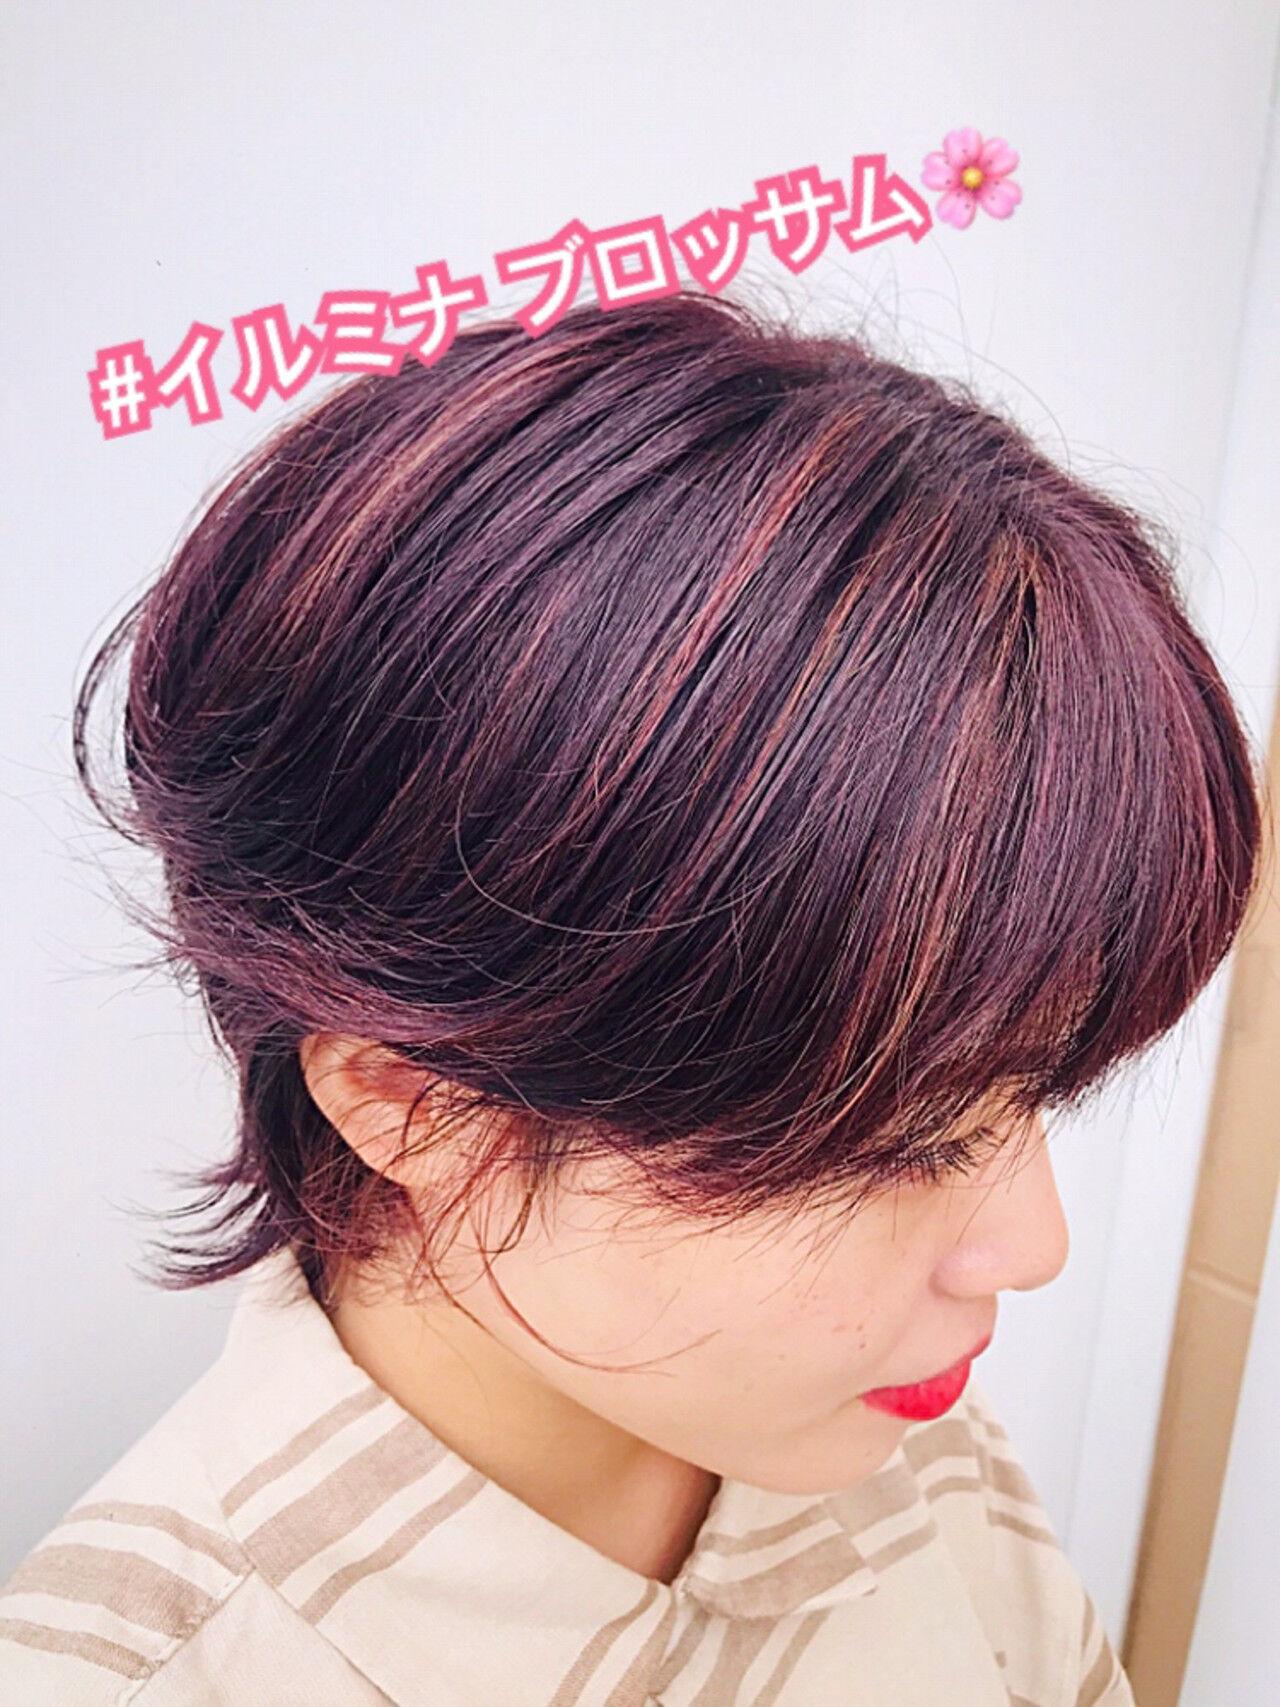 ピンク ベリーピンク 外国人風カラー 大人ハイライトヘアスタイルや髪型の写真・画像